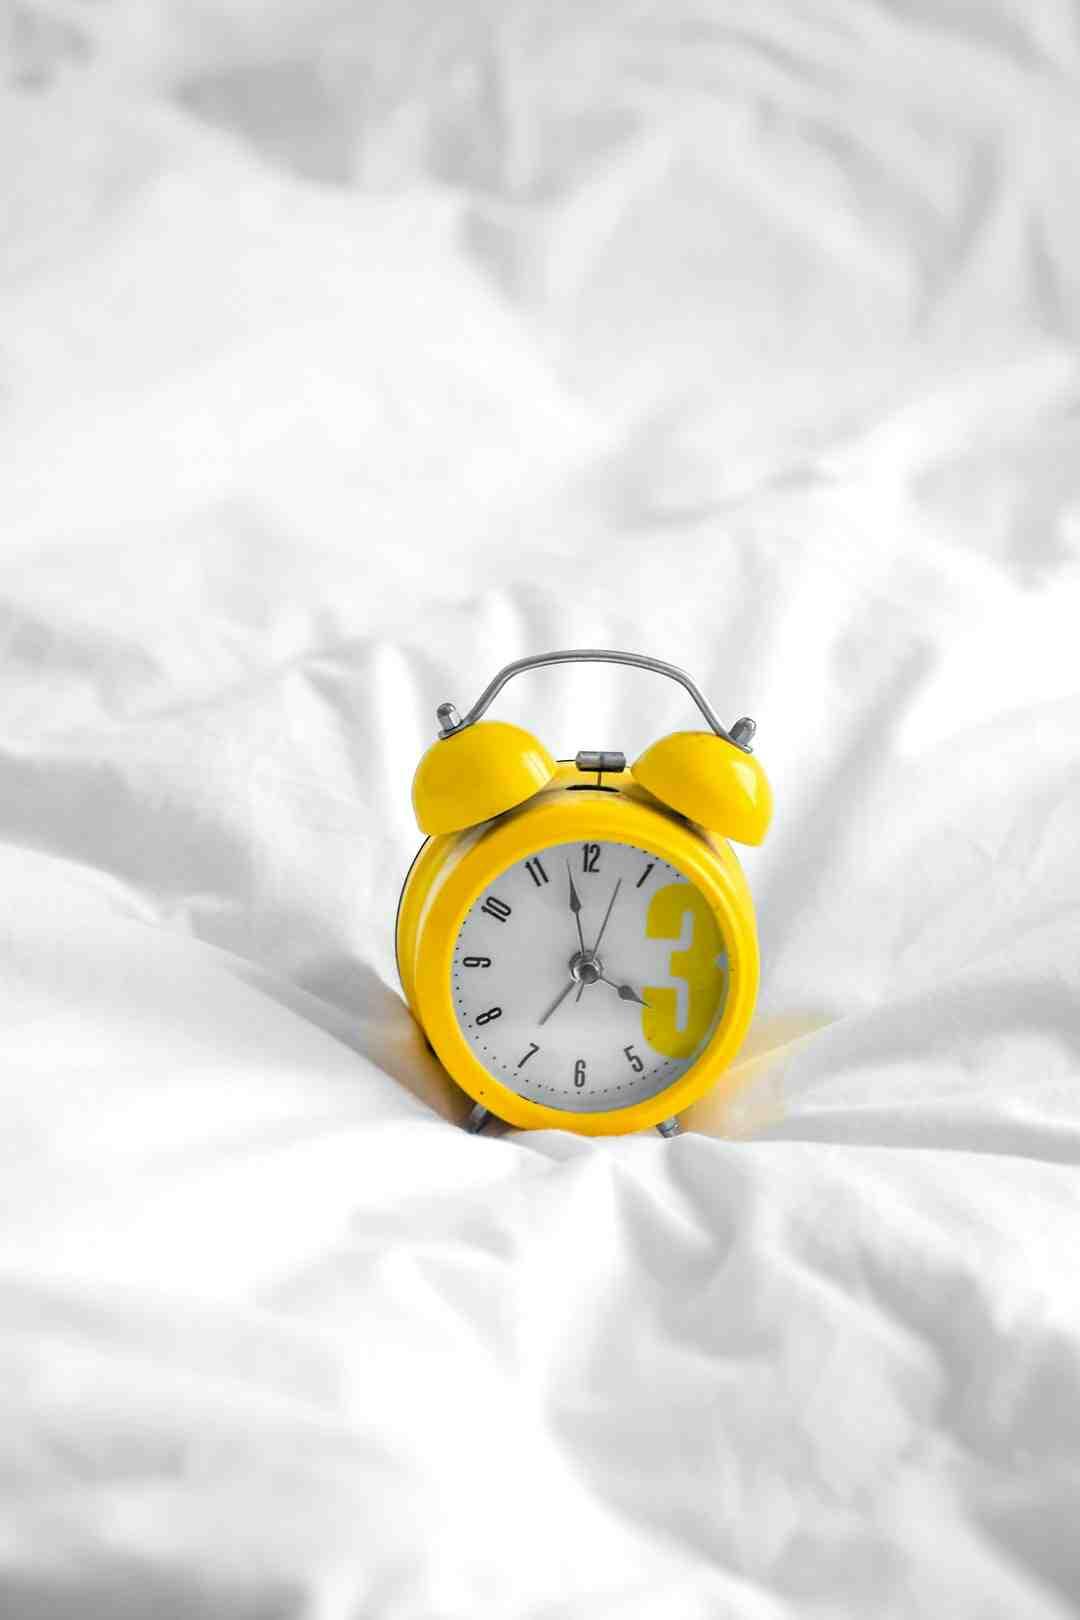 Comment changer les piles de l'alarme ?